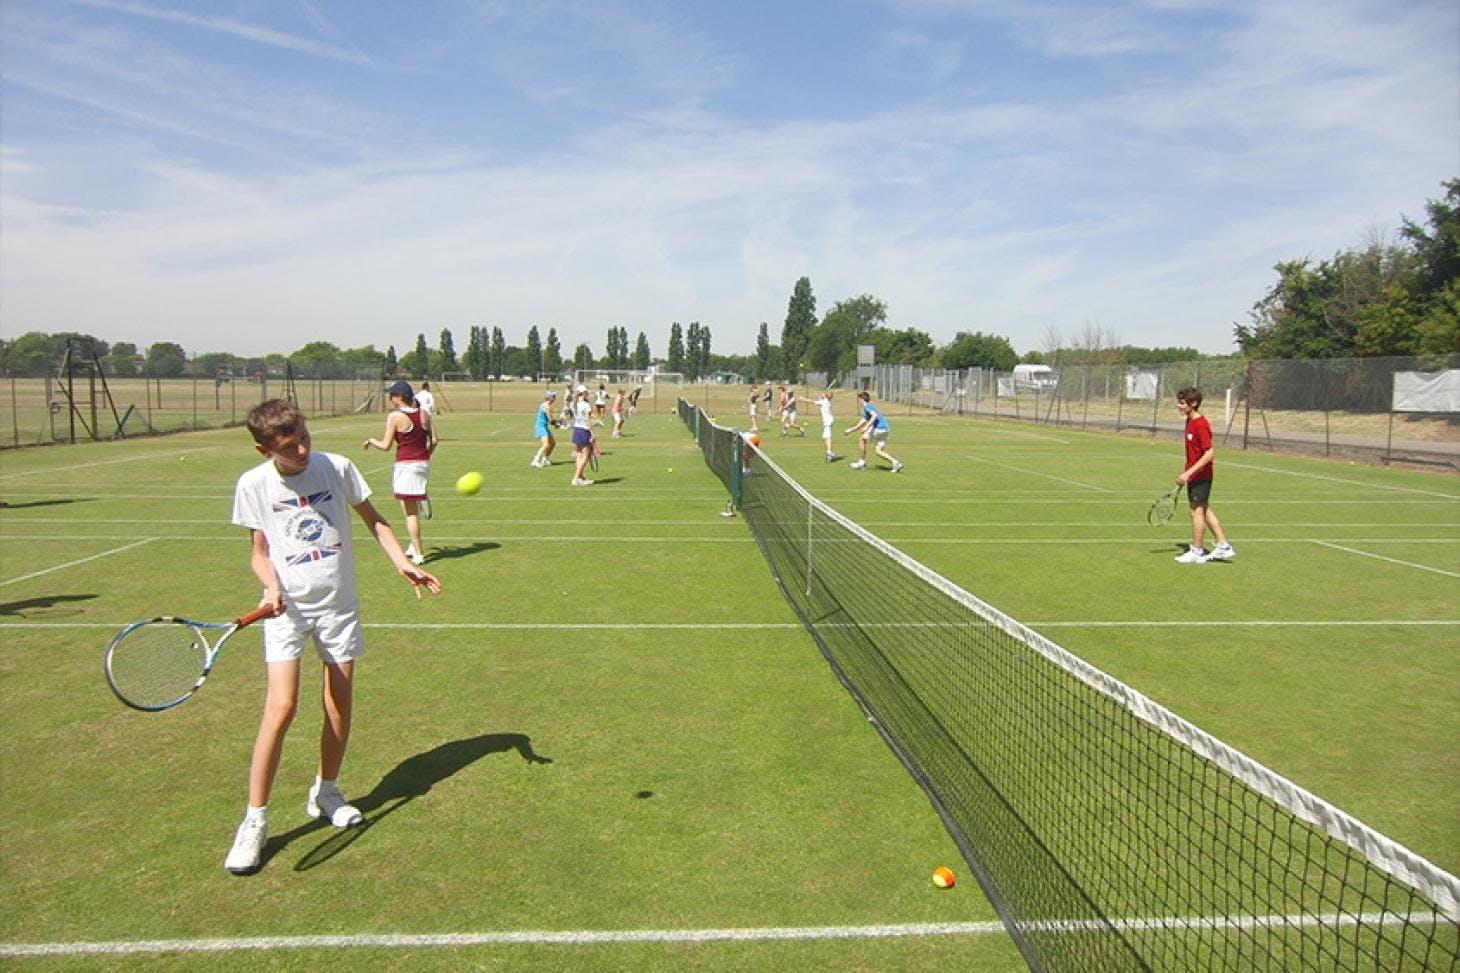 Old Deer Park Outdoor | Grass tennis court